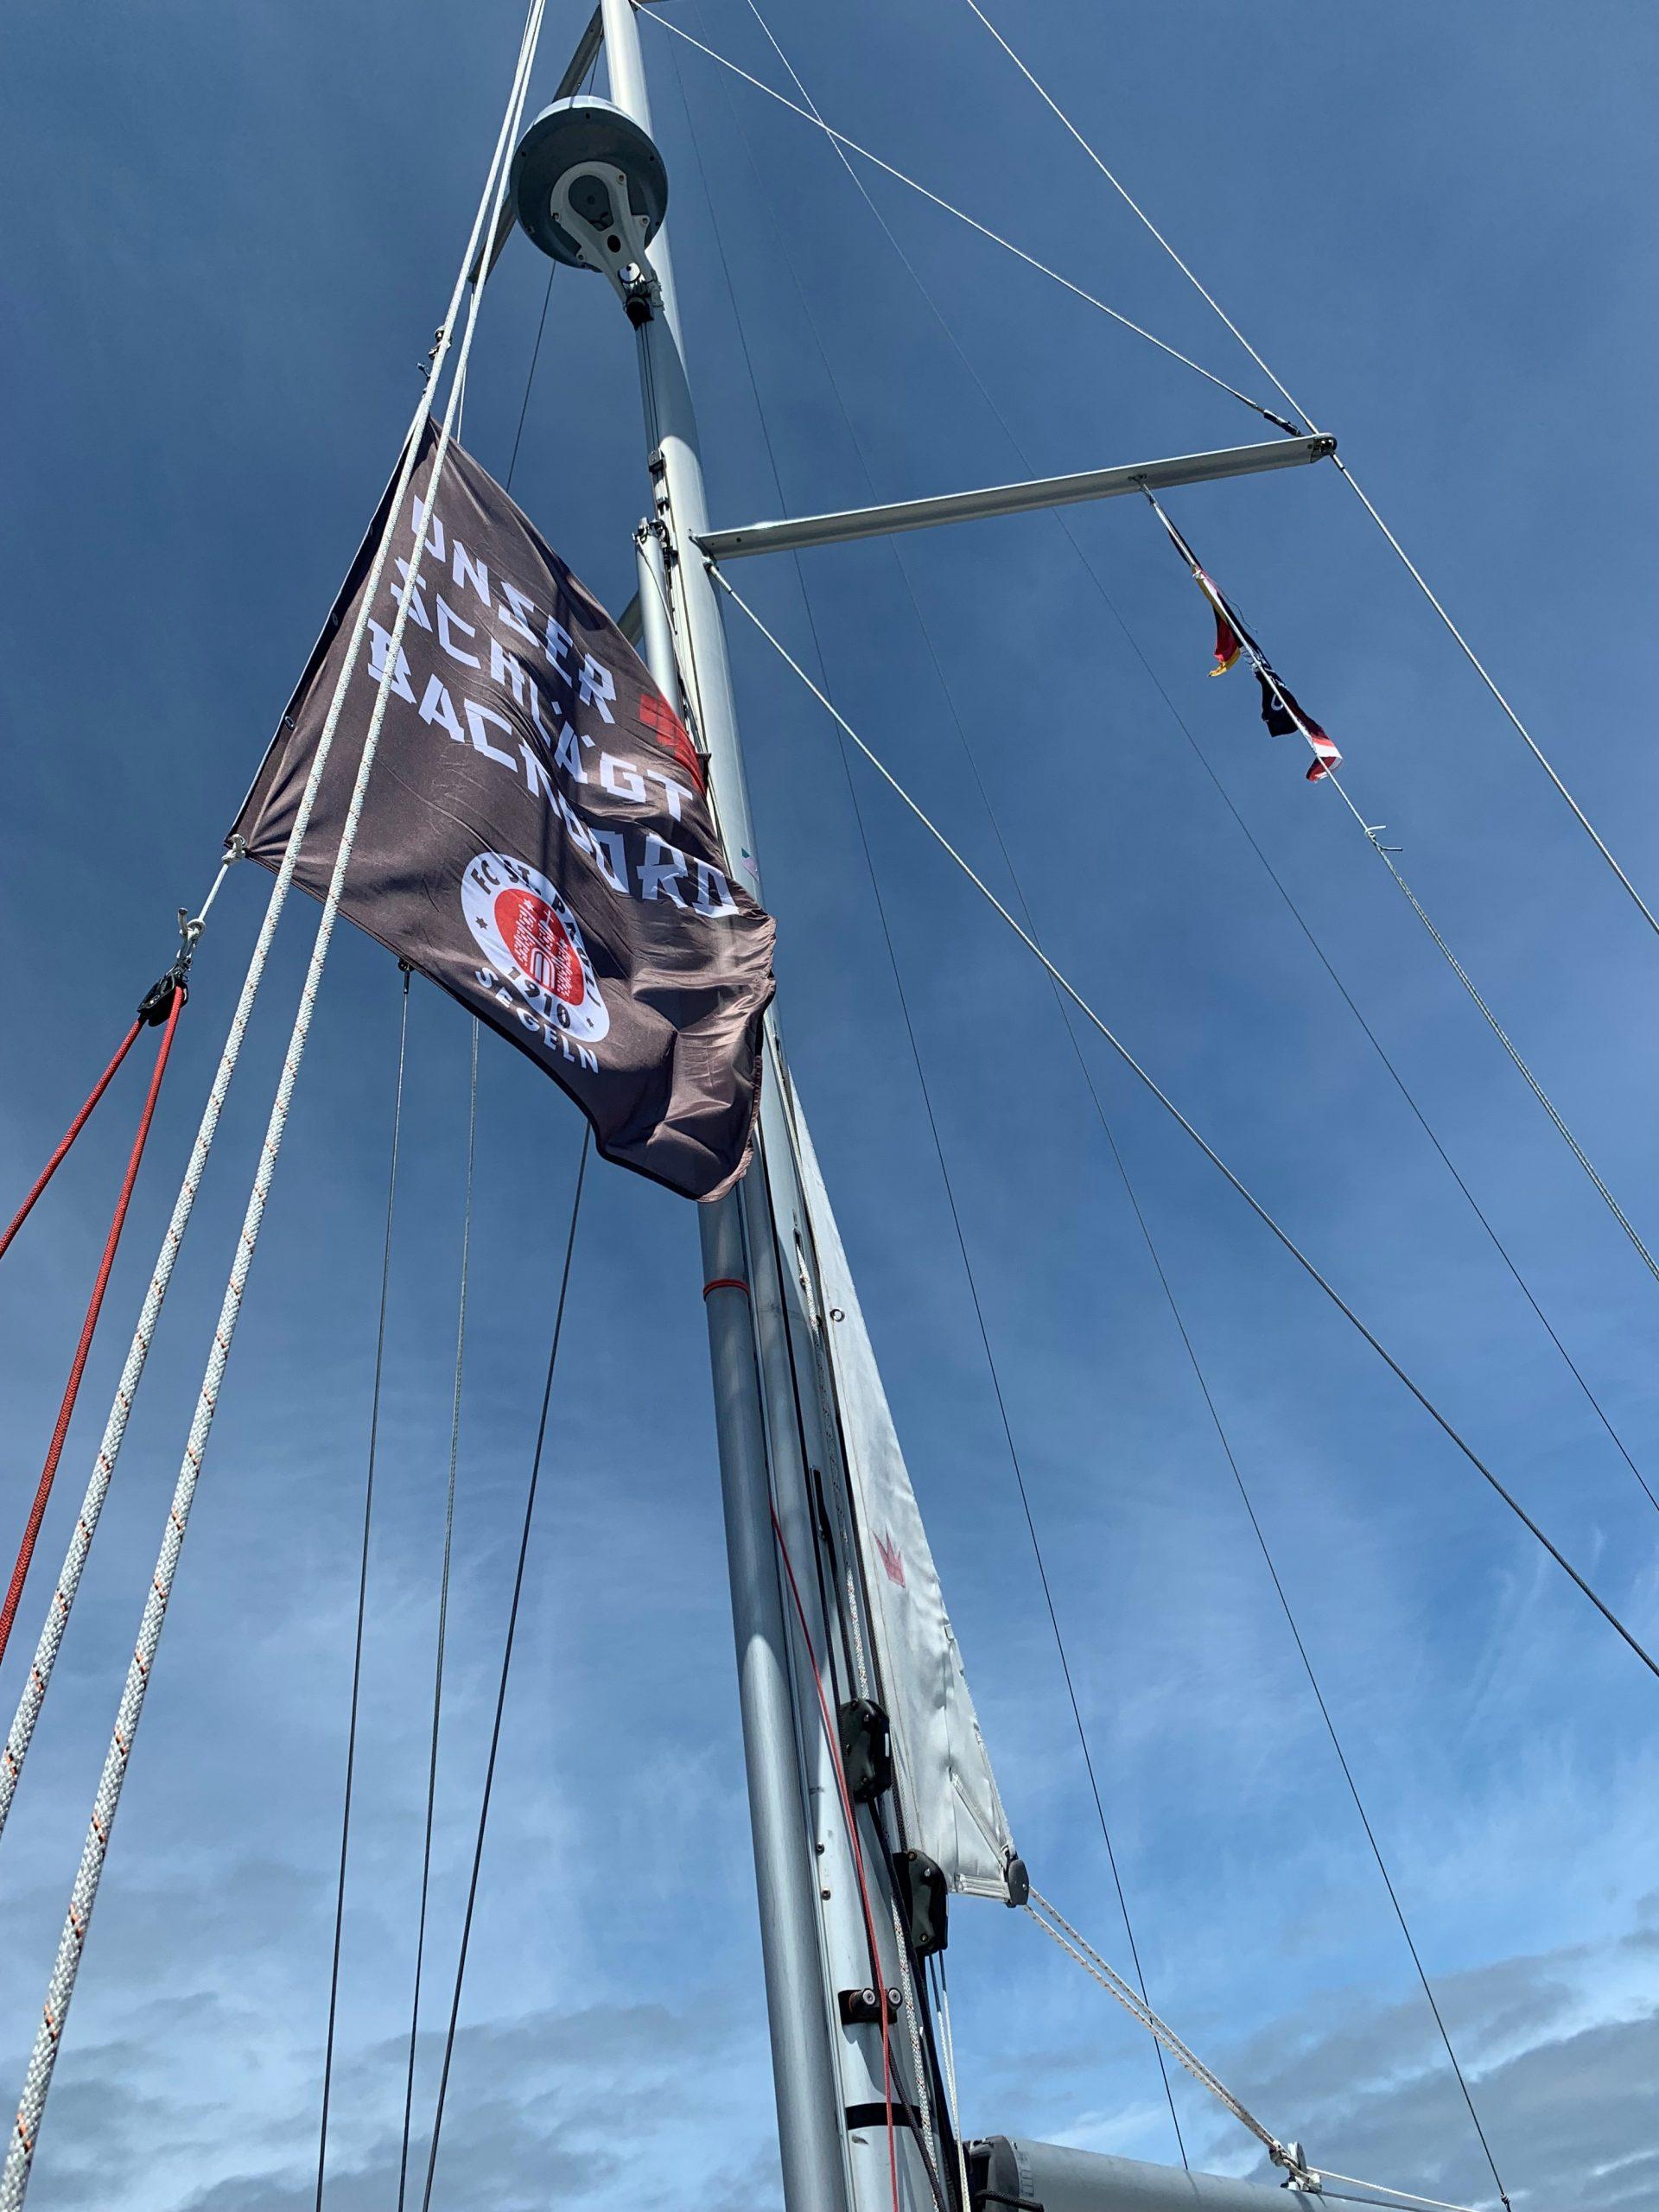 Unter FC St. Pauli Flagge stach die Yacht in Frankreich ins Meer bis zum Zielhafen in Spanien.